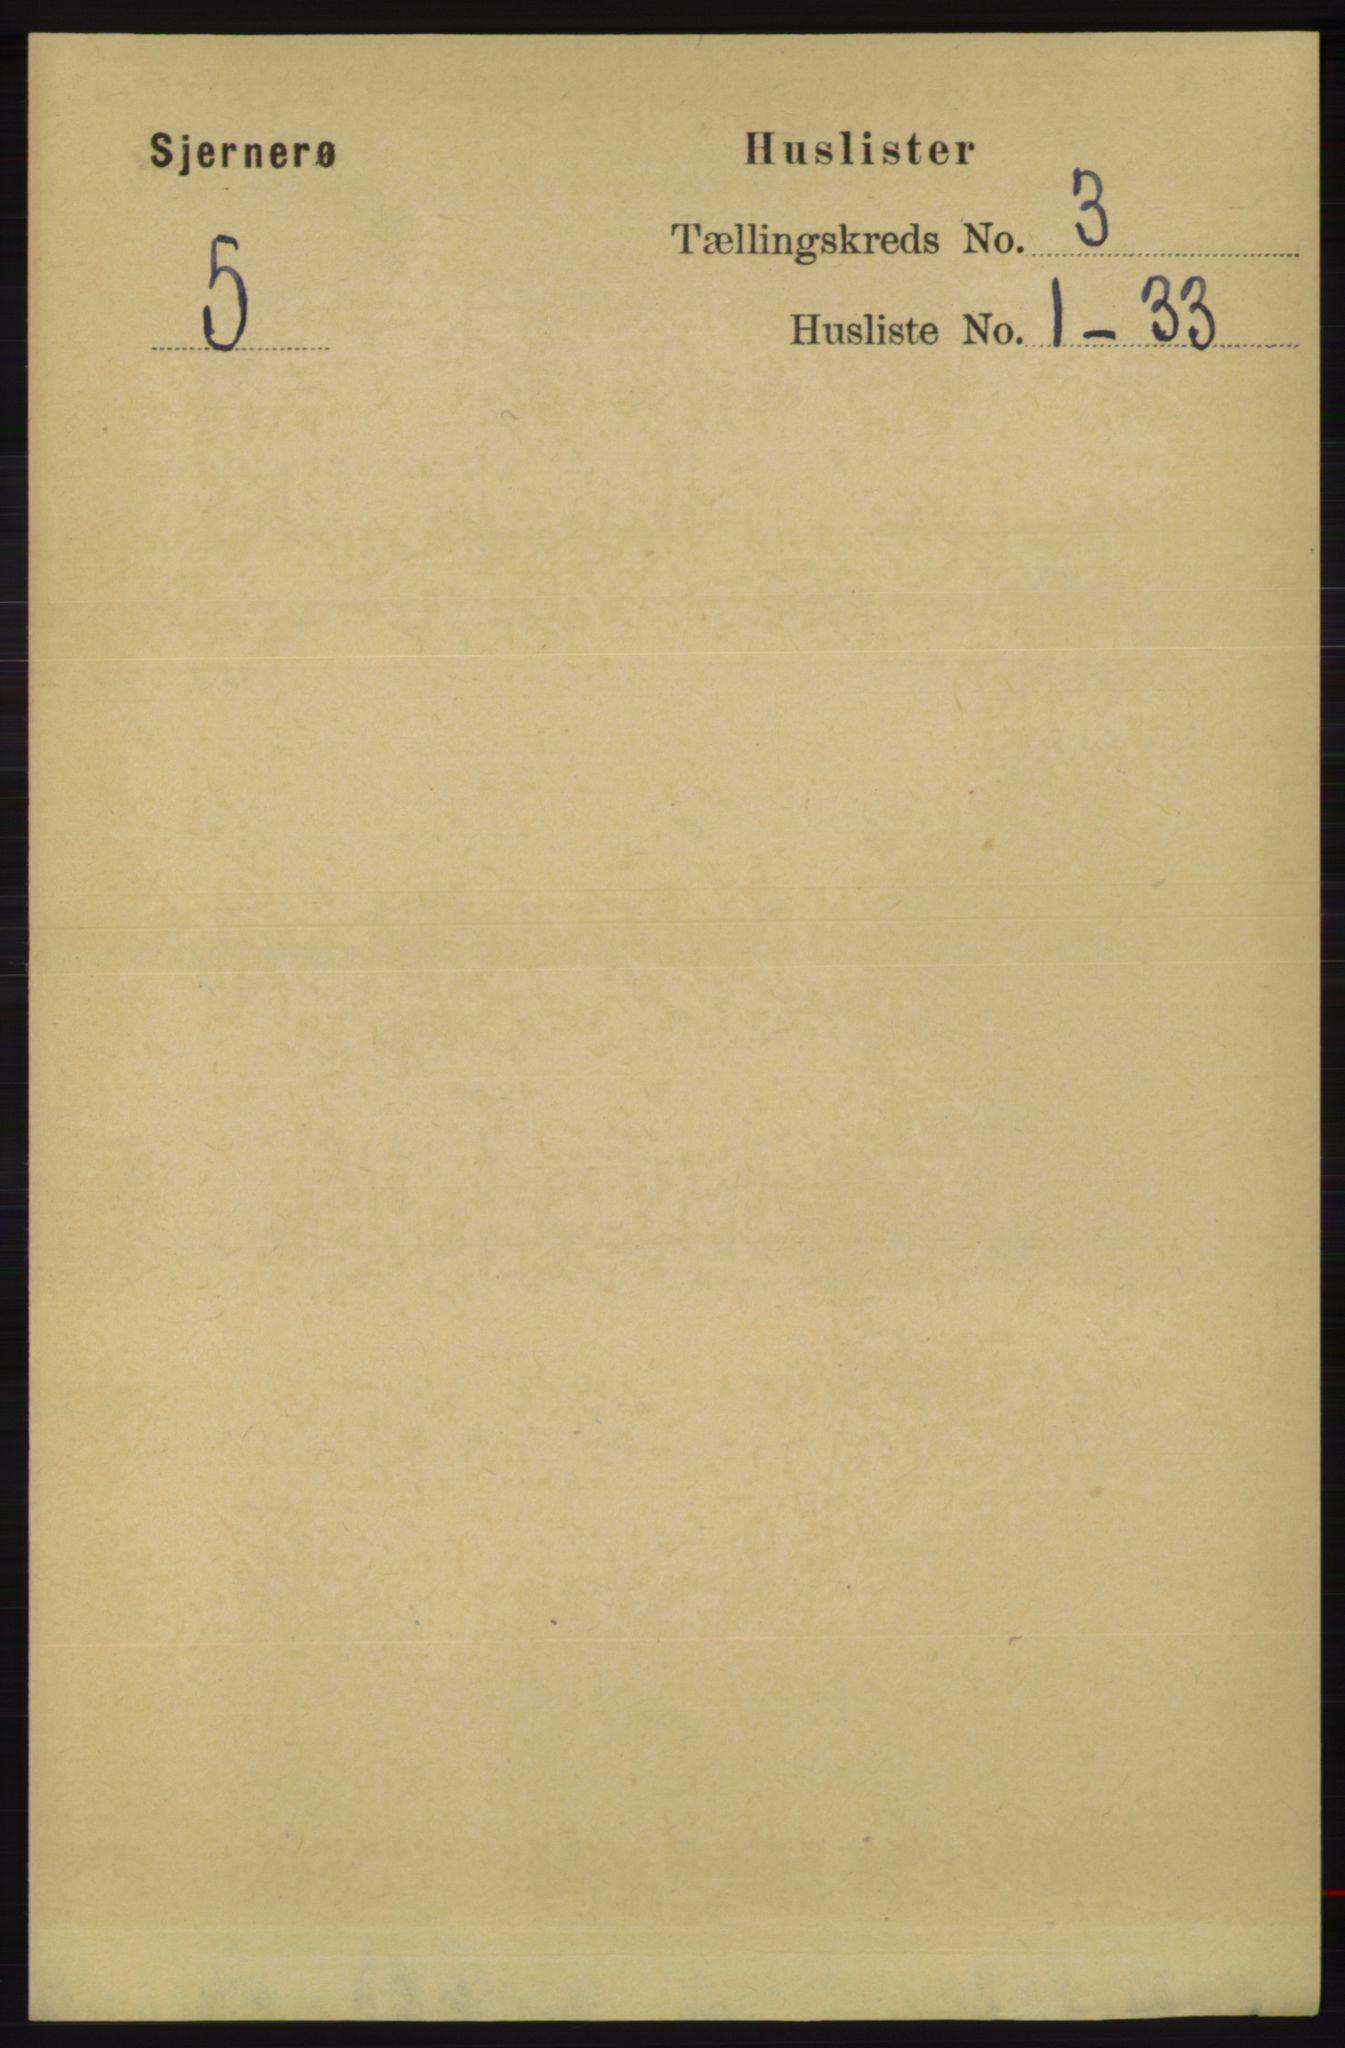 RA, Folketelling 1891 for 1140 Sjernarøy herred, 1891, s. 356